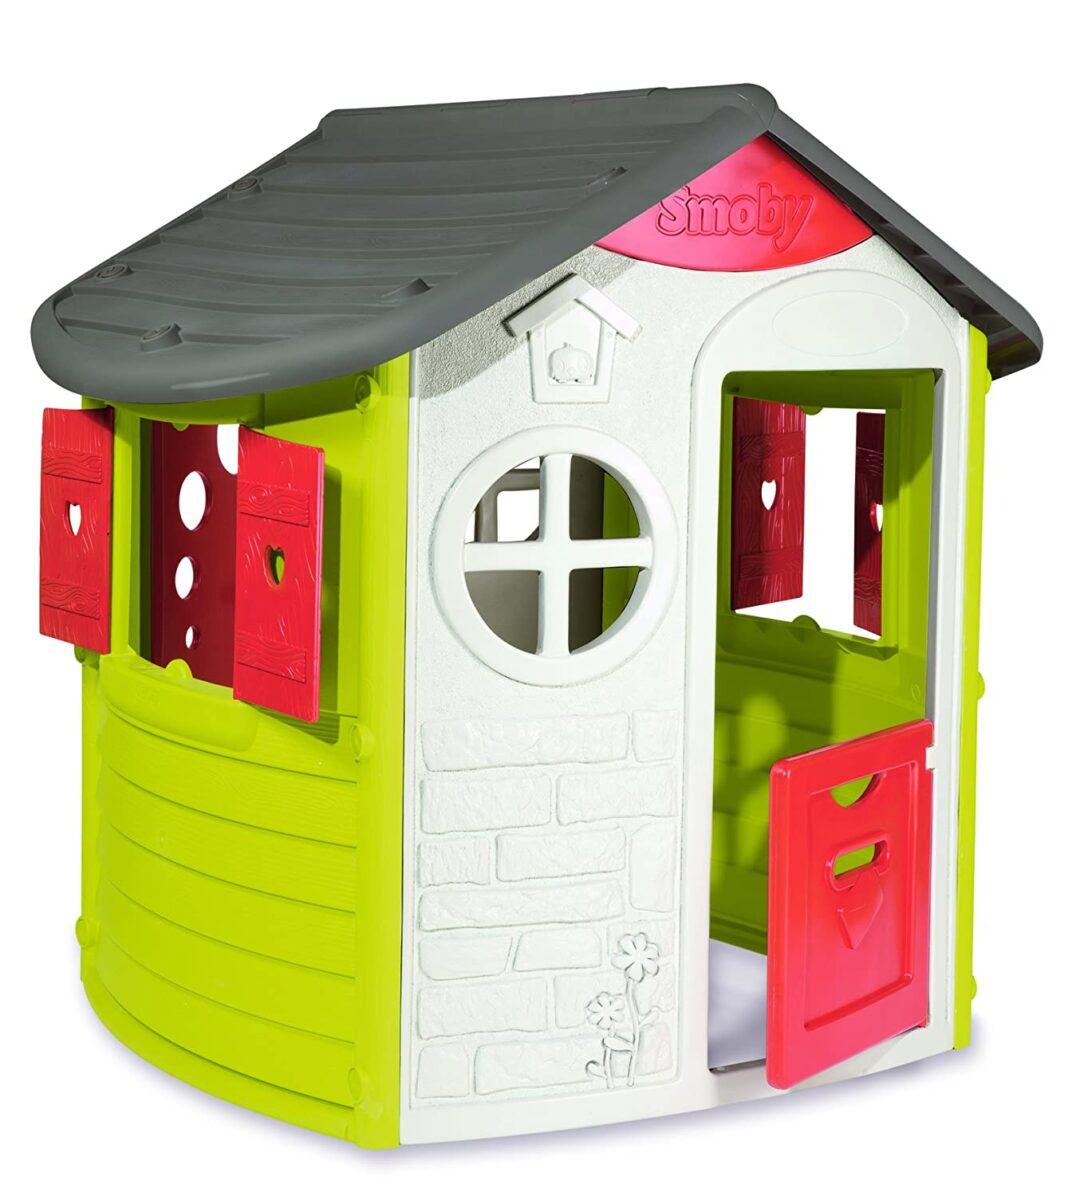 Large Size of Kinderspielhaus Gebraucht Smoby Spielhaus Modelle Im Direkten Vergleich Einbauküche Gebrauchte Küche Fenster Kaufen Landhausküche Edelstahlküche Regale Wohnzimmer Kinderspielhaus Gebraucht